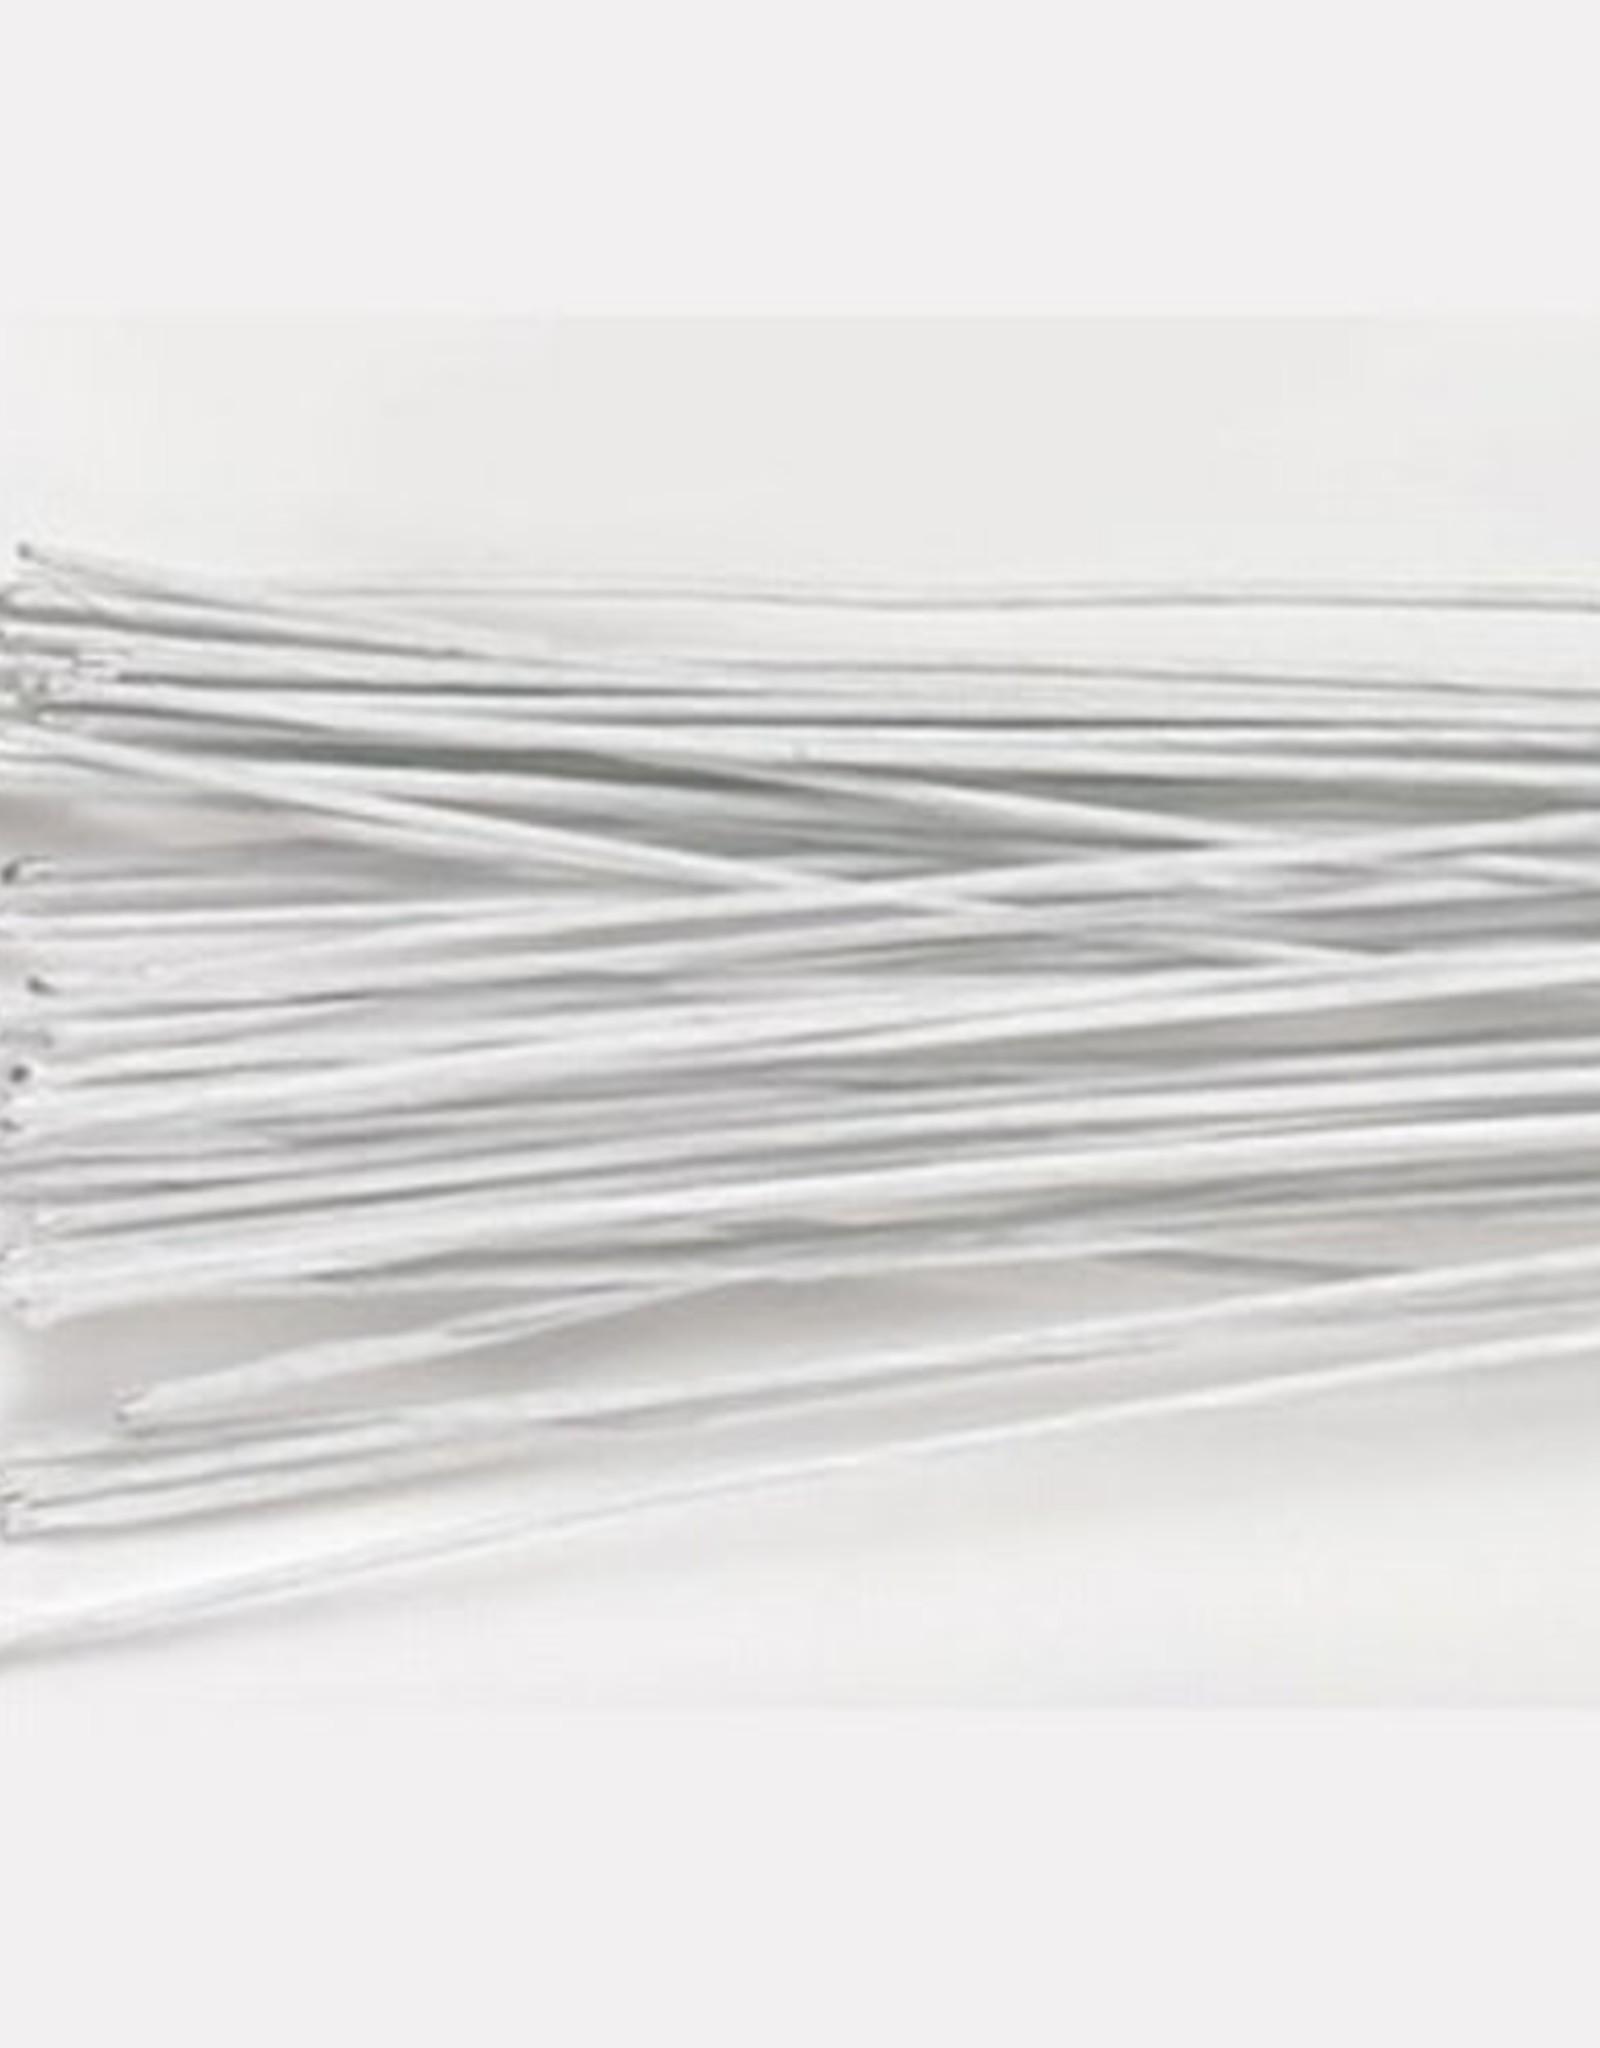 Culpitt Culpitt Floral Wire White set/20 -22 gauge-